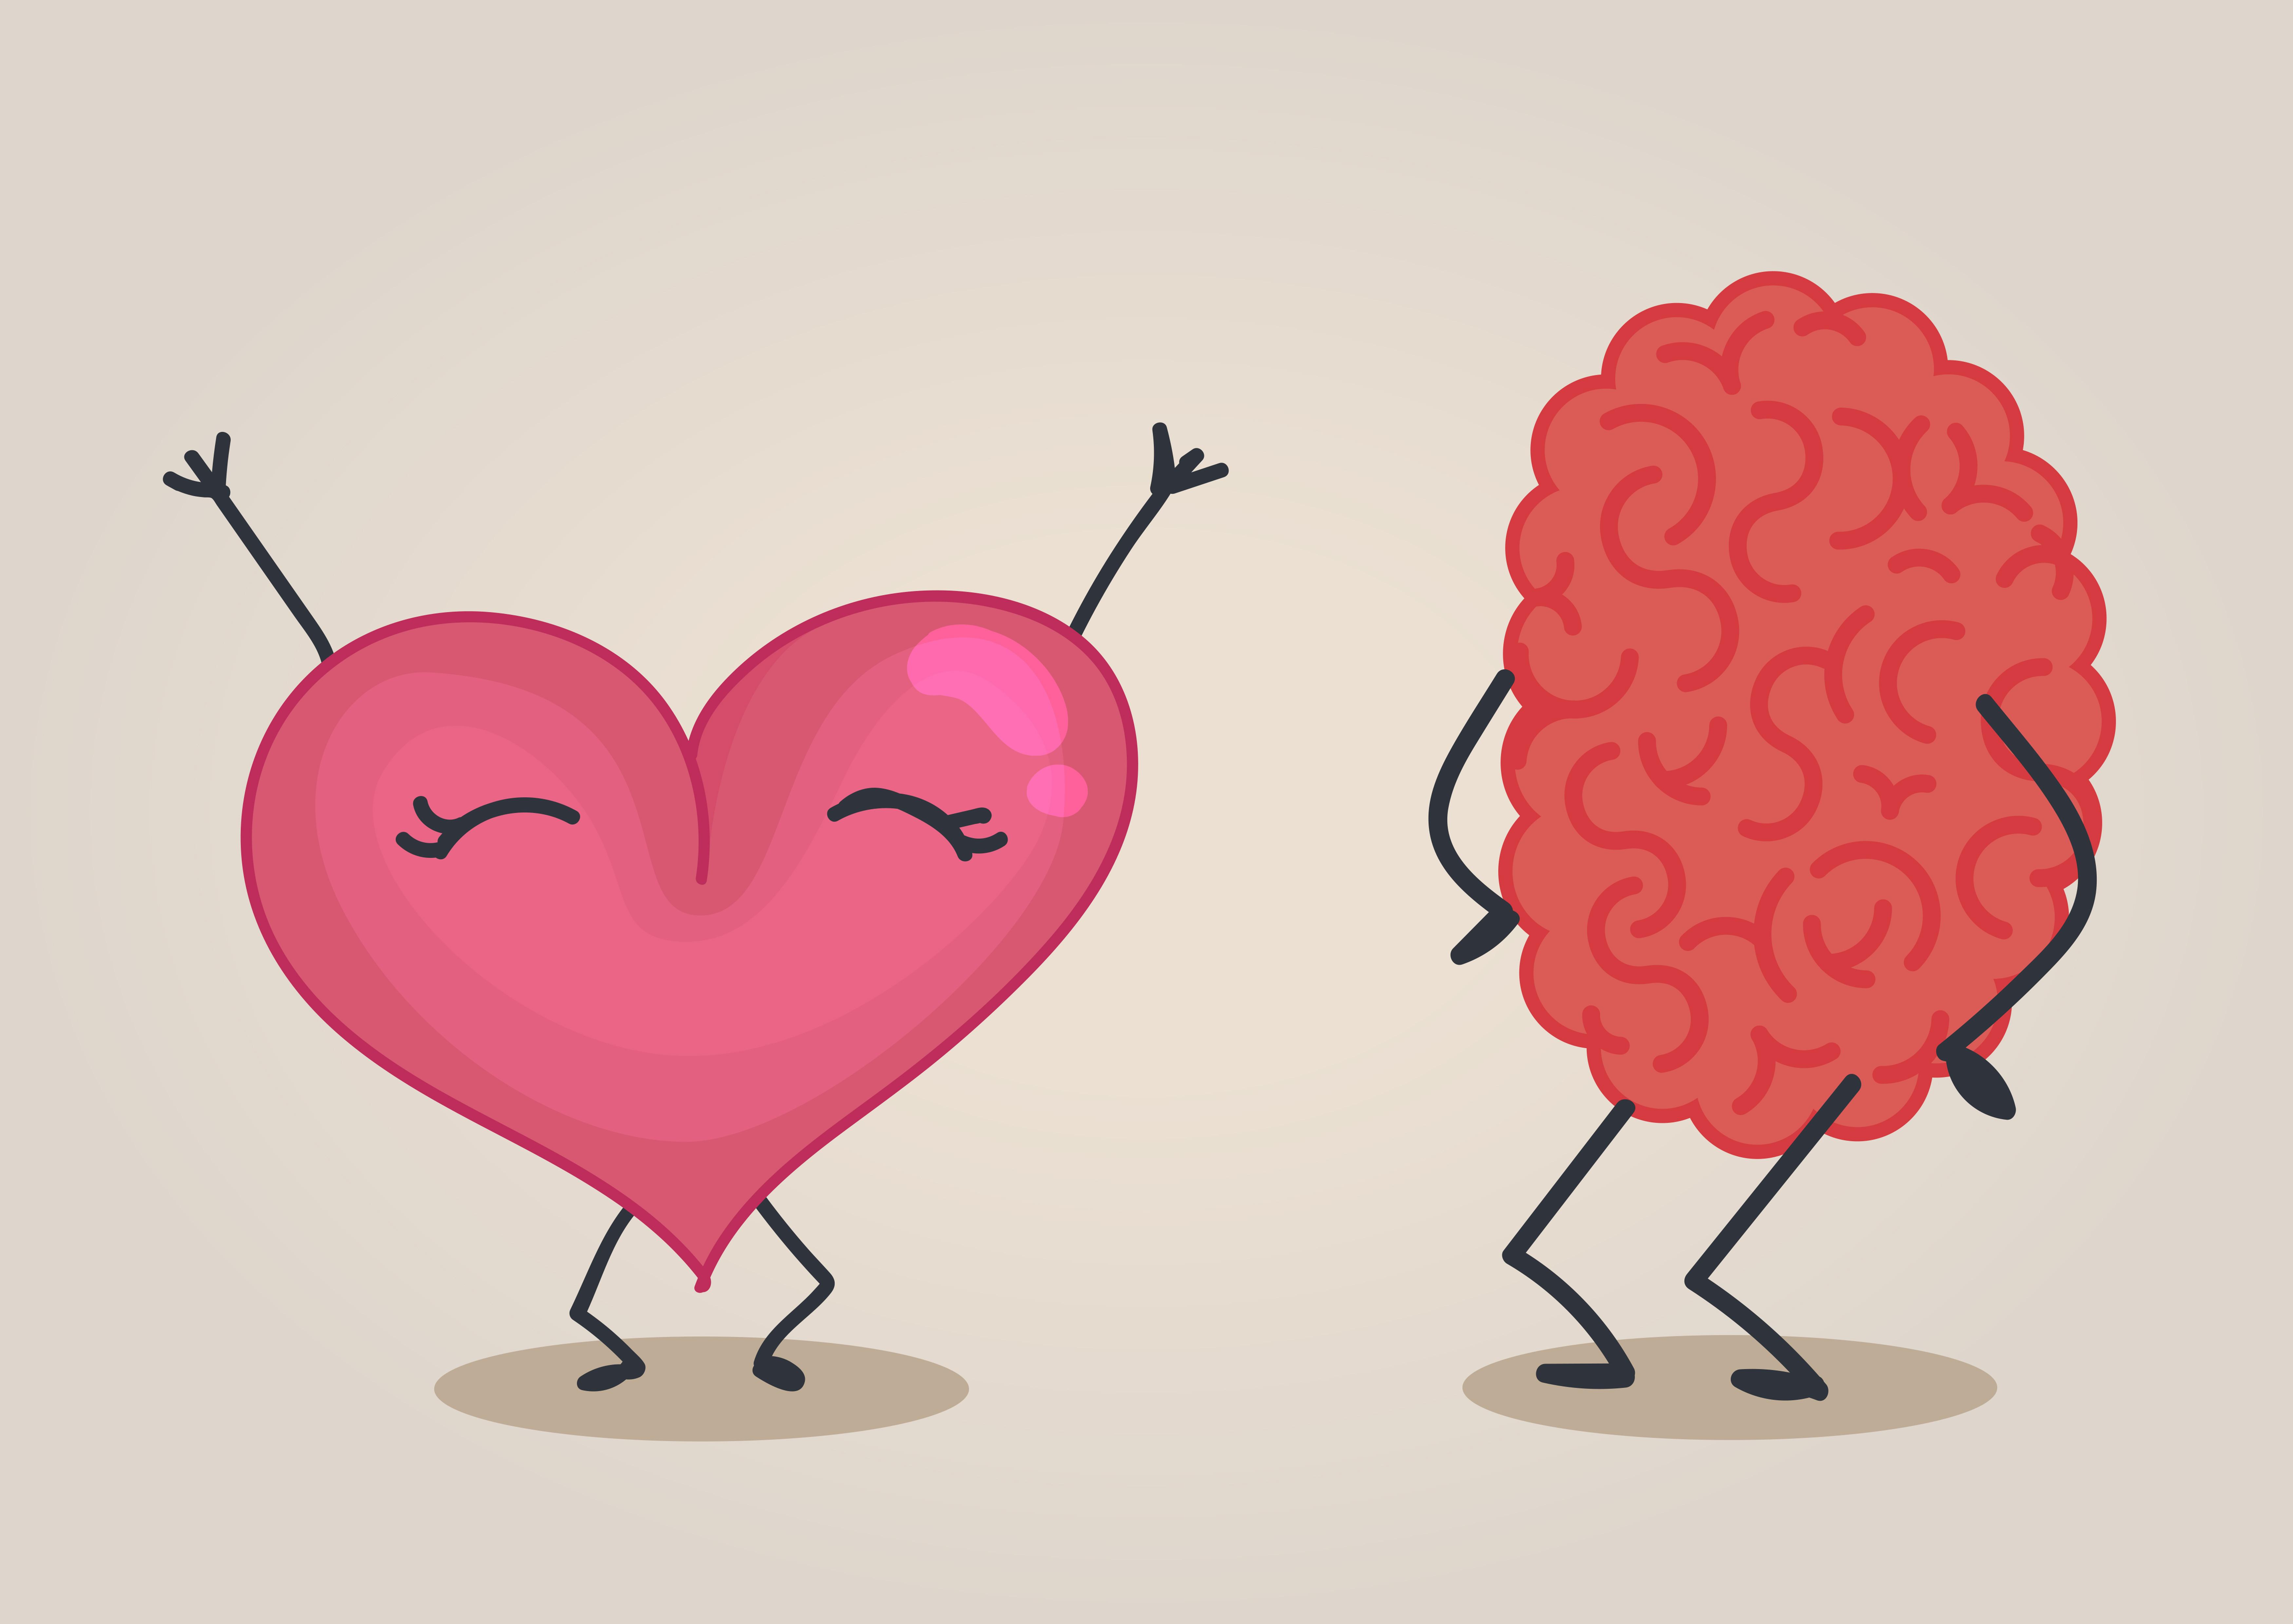 Man må säga att det är hjärtat som talar när det kommer till kärlek men forskning visar att det egentligen är hjärnan som bestämmer, oavsett.